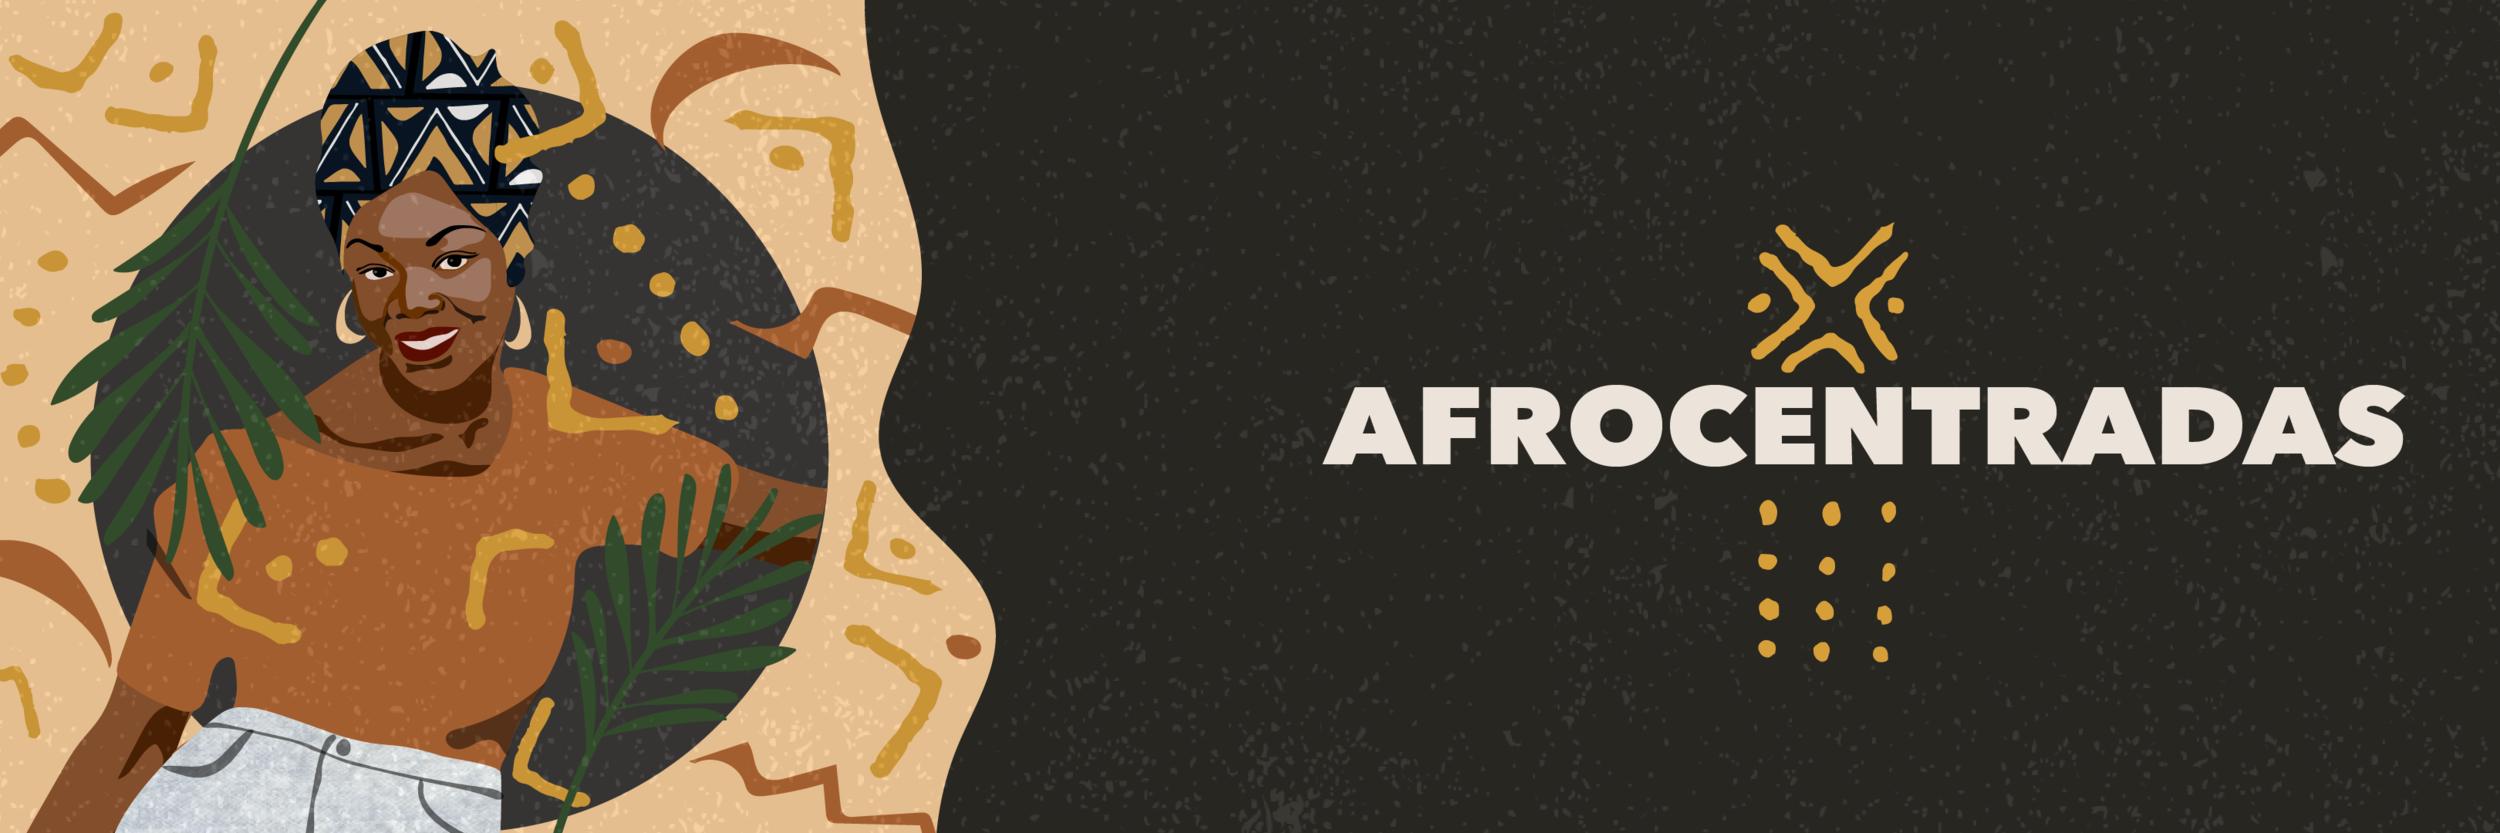 Afrocentradas portrait